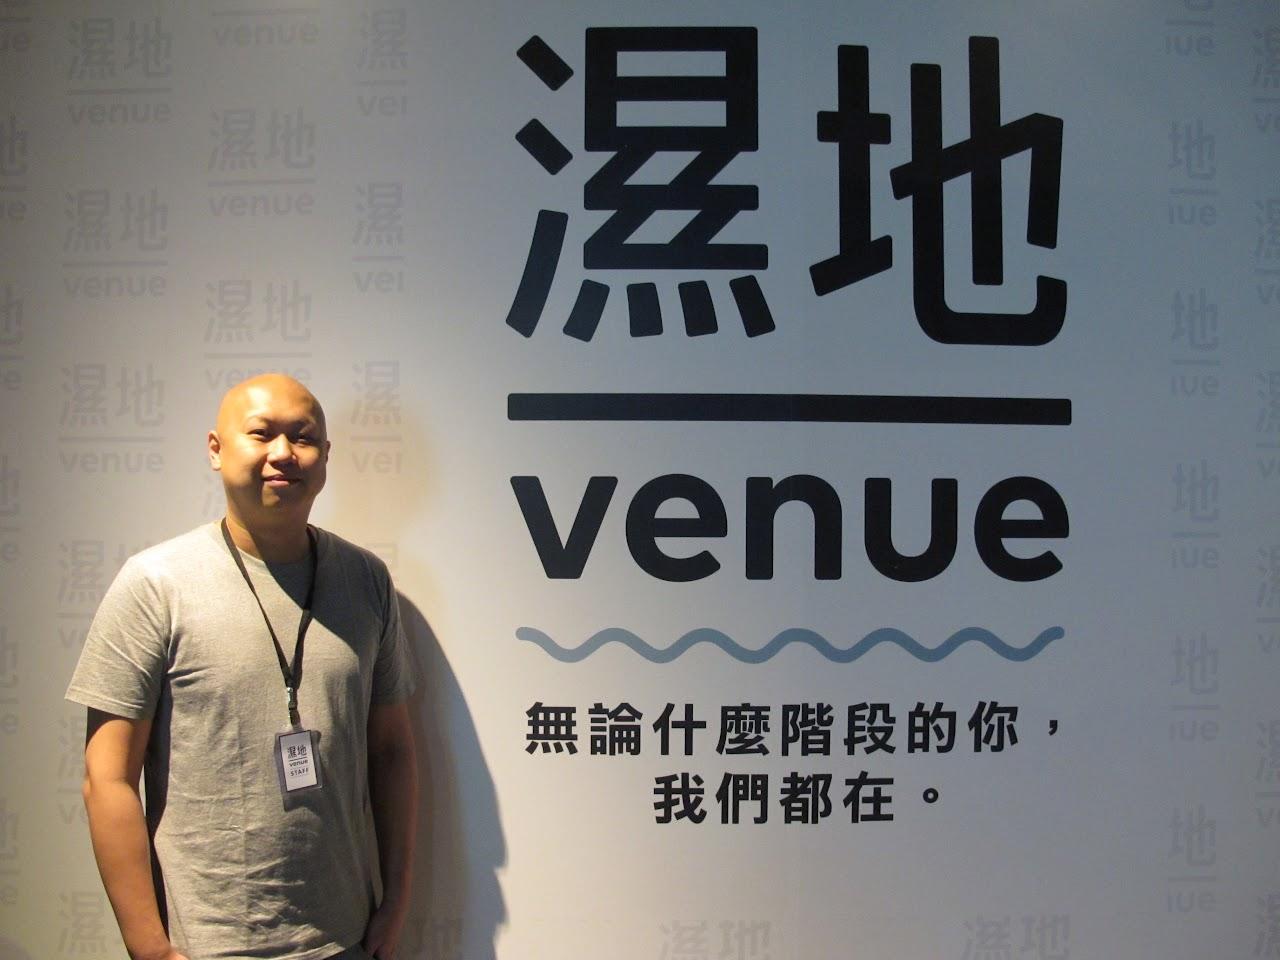 要讓創意變產業,林弘全成立全台創意實驗基地「濕地」